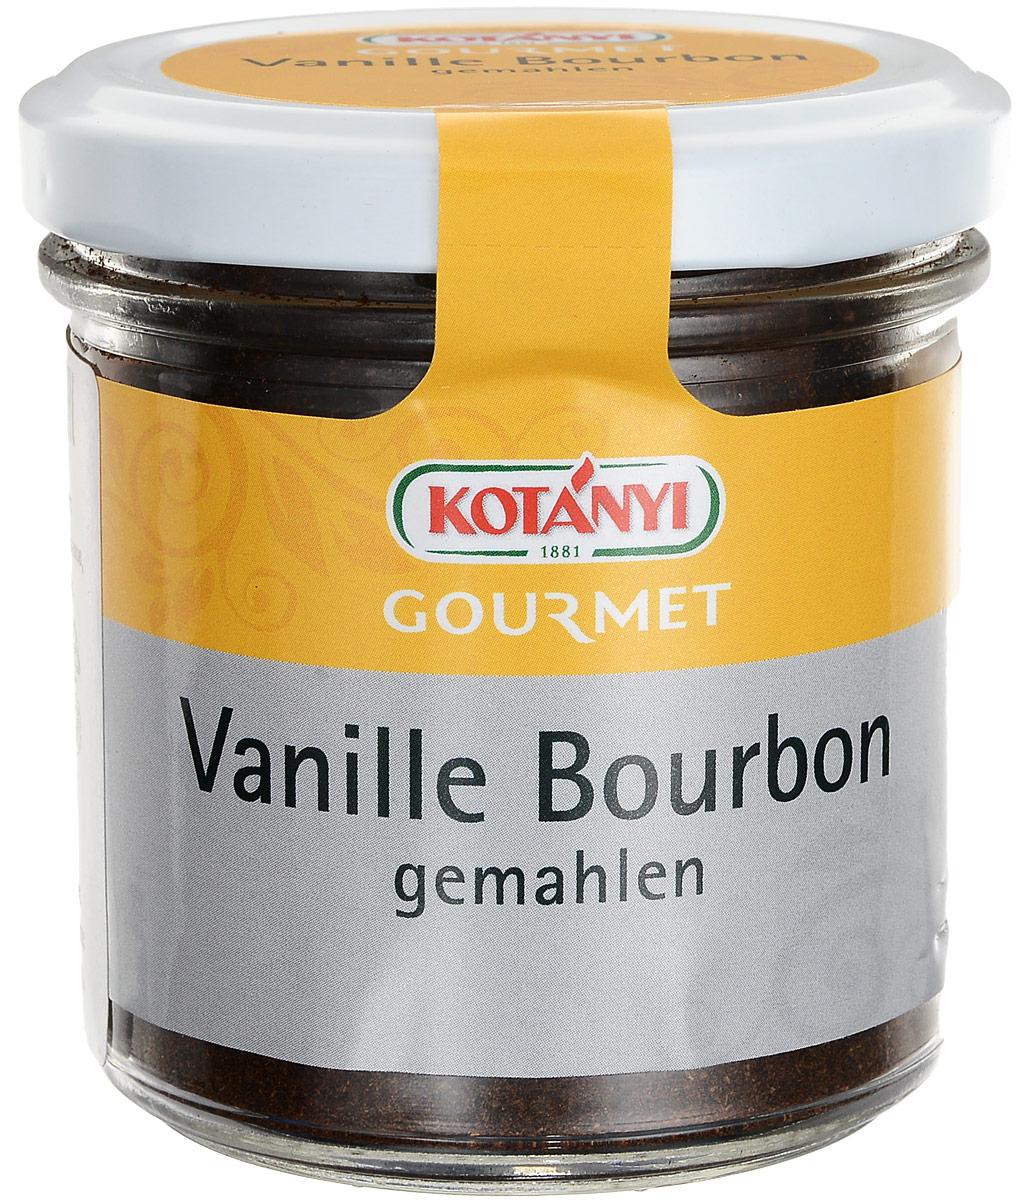 Kotanyi Ваниль бурбонная молотая, 60 г0120710Вкус ванили, которую обычно называют «королевой специй», так высоко ценится, что среди специй она стоит по стоимости на втором месте, уступая лишь шафрану. Использование ванили имеет чрезвычайно длительную историю. Инки и ацтеки обожали нежные и очень душистые стручки и применяли их для придания вкуса какао и многим другим блюдам. Изысканную специю употребляли также и в качестве лекарства, и в качестве духов с эффектом афродизиака. По сей день тайна ванили остается неразгаданной.Наконец у вас есть возможность насладиться подлинным вкусом ванили, черпать ее ложками, так как Kotanyi теперь предлагает вам чистую молотую ваниль, удобную новинку для истинных поклонников этой специи! Ваниль облегчает и ускоряет приготовление пищи, придавая ей особый вкус и аромат. Продукт легко добавлять в блюдо, и его вид радует глаз. Благодаря молотой ванили десерты и сладкие блюда будут дарить гостям чувственный опыт, а соления приобретут неповторимую экзотическую нотку.Уникальный и интенсивный аромат подлинной ванили придает изысканность кондитерским изделиям, творогу и сливкам.Внимание! Может содержать следы глютеносодержащих злаков, яиц, сои, сельдерея, кунжута, орехов, горчицы, молока (лактозы). Уважаемые клиенты! Упаковка может иметь несколько видов дизайна. Поставка осуществляется взависимости от наличия на складе.